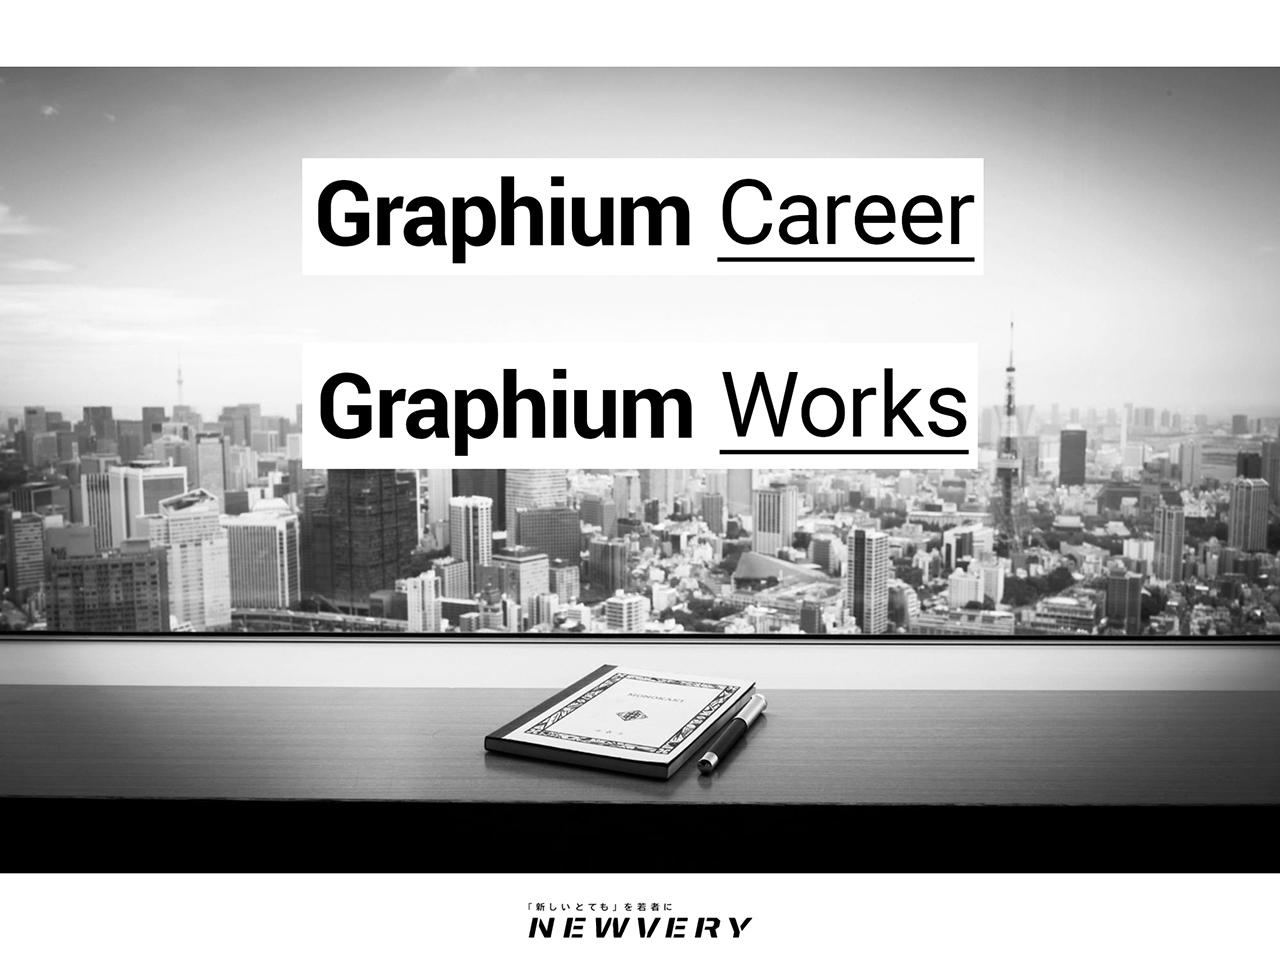 Graphium CareerとGraphium Workd